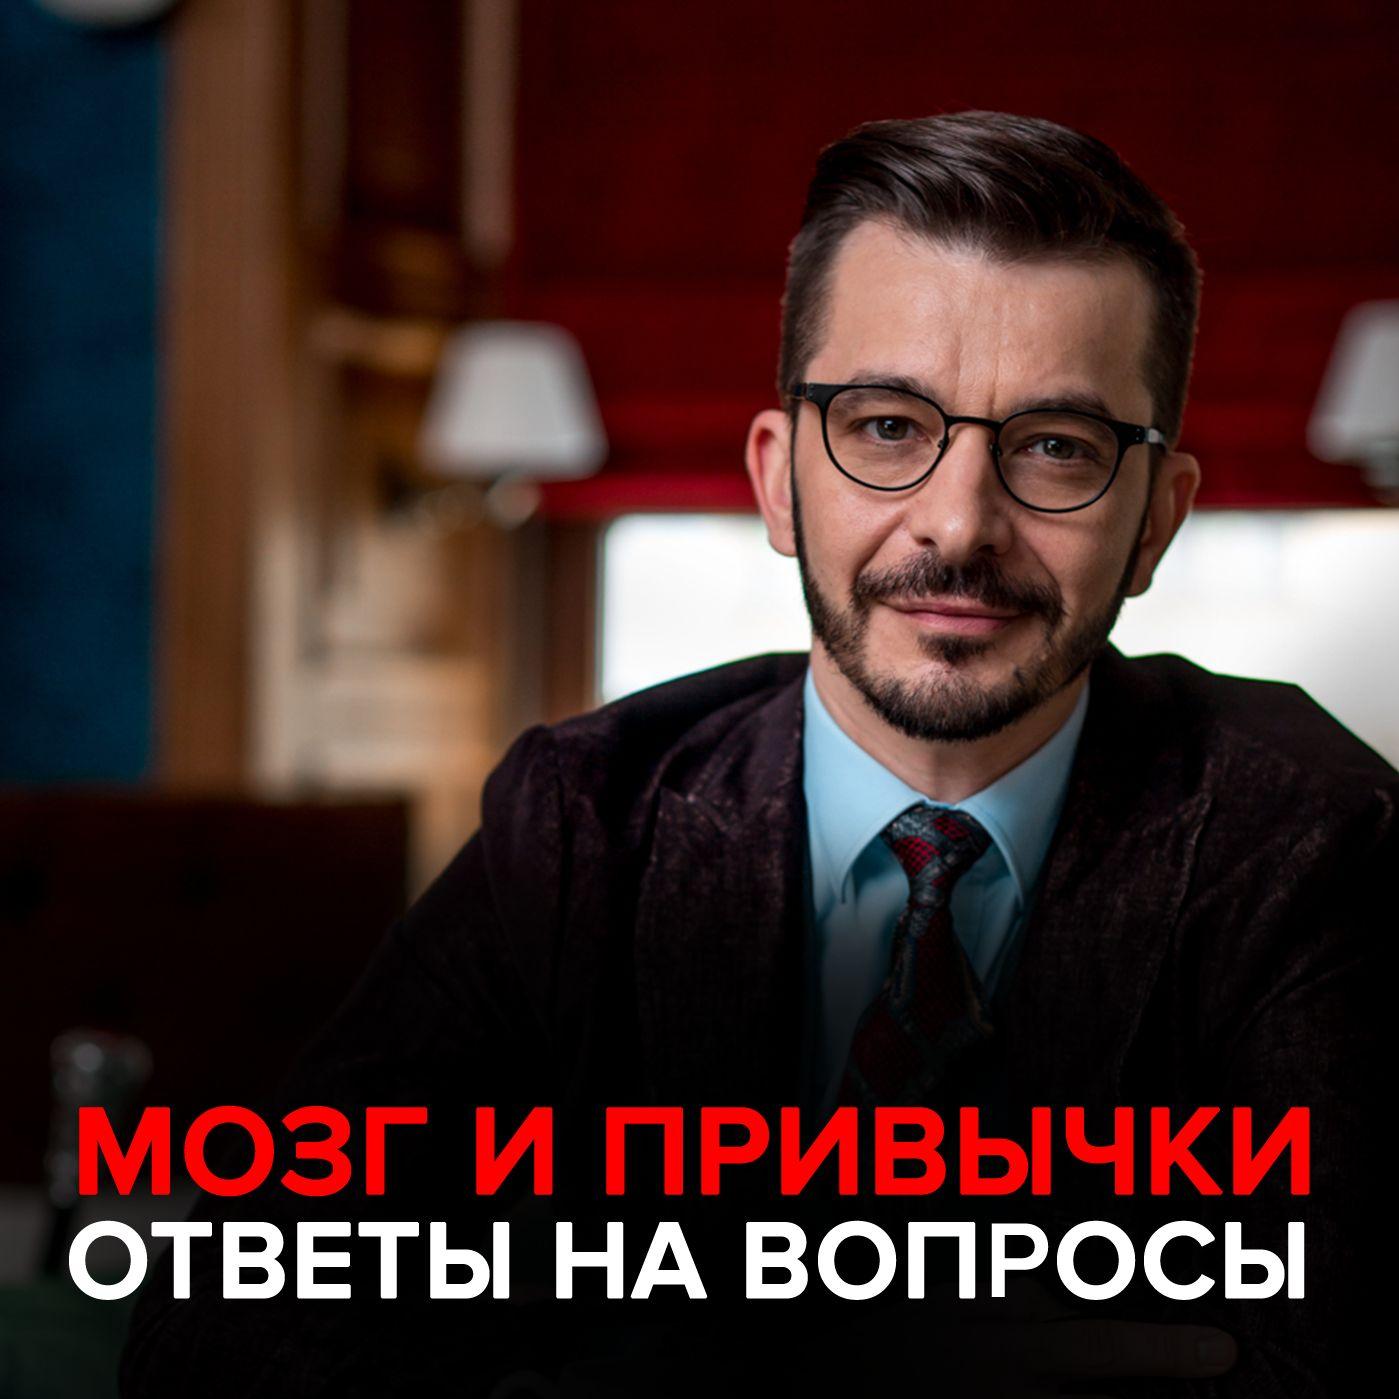 Андрей Курпатов Мозг и привычки. Андрей Курпатов отвечает на вопросы подписчиков.